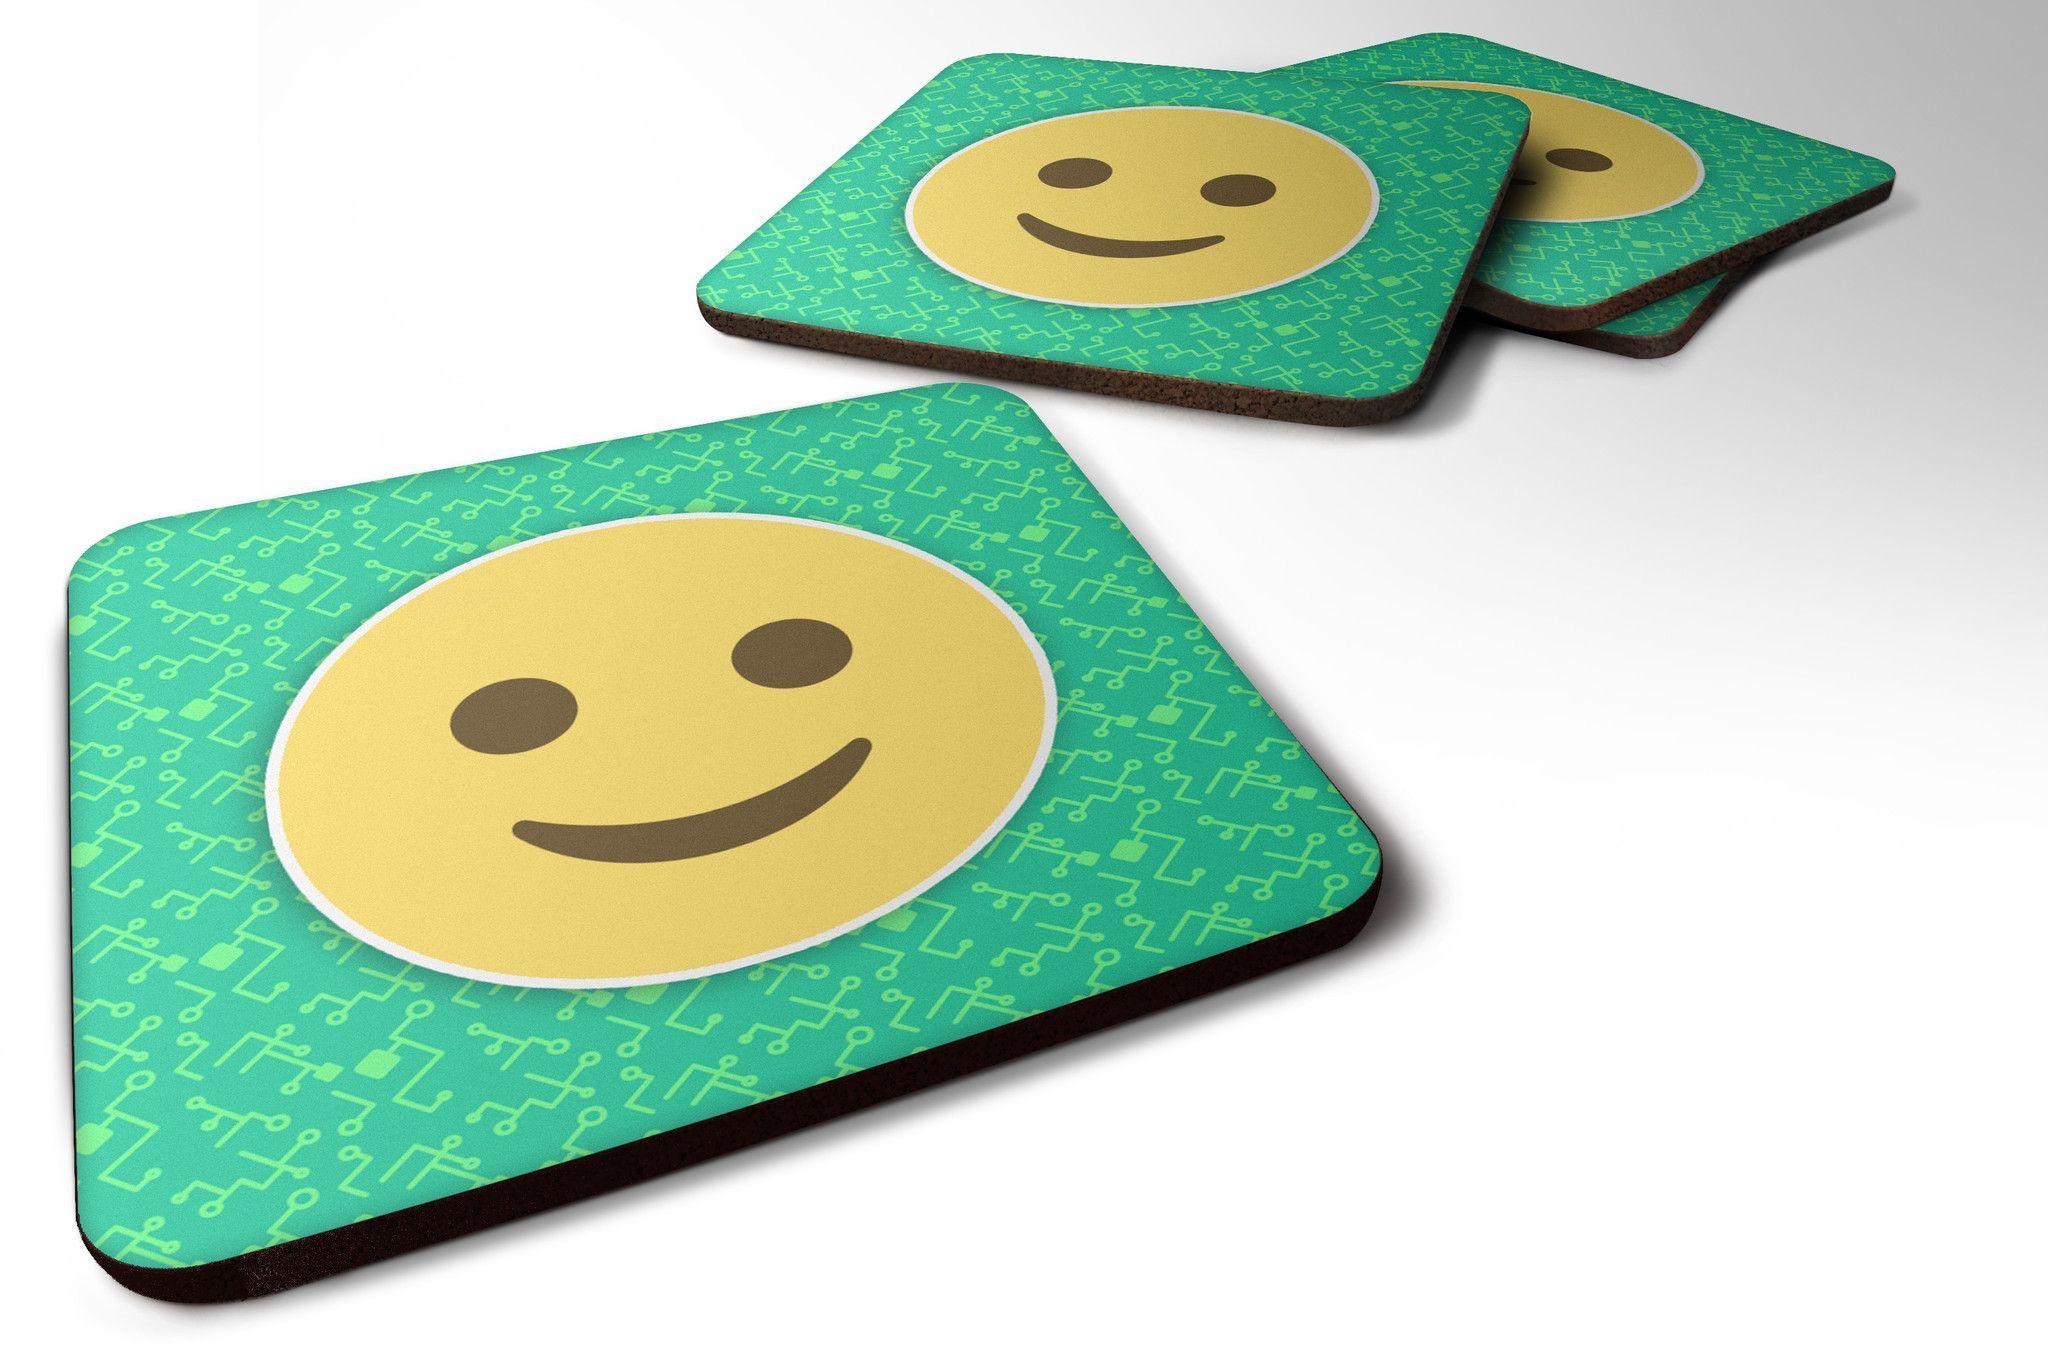 Slightly Smiling Face Emojione Emoji Foam Coaster Set of 4 EON1045FC